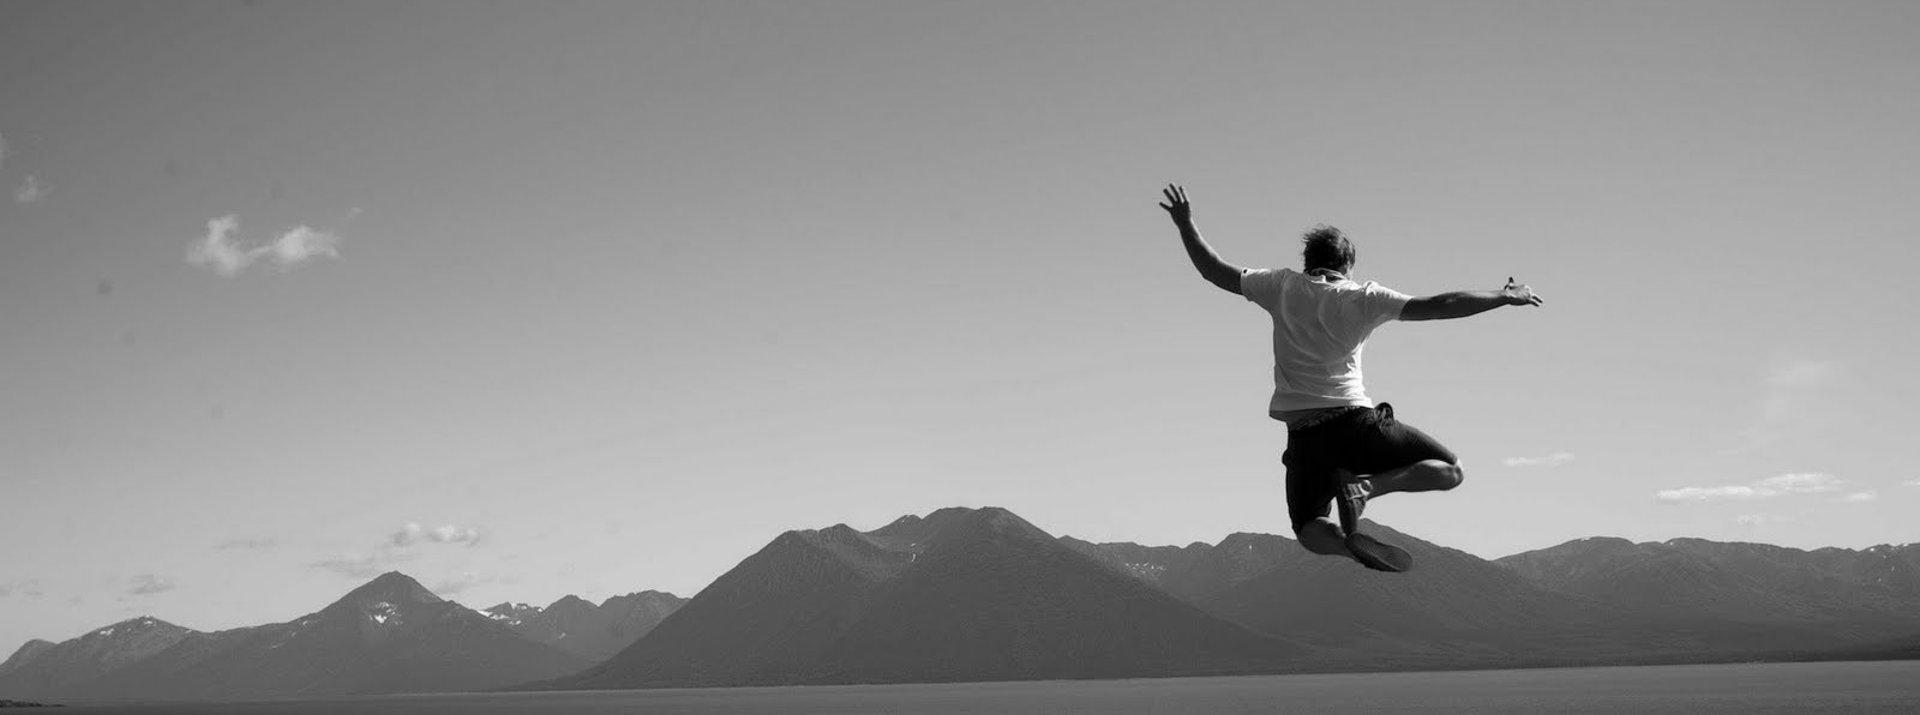 Ανακαλύπτω τον εαυτό μου – Χτίζω την ταυτότητά μου